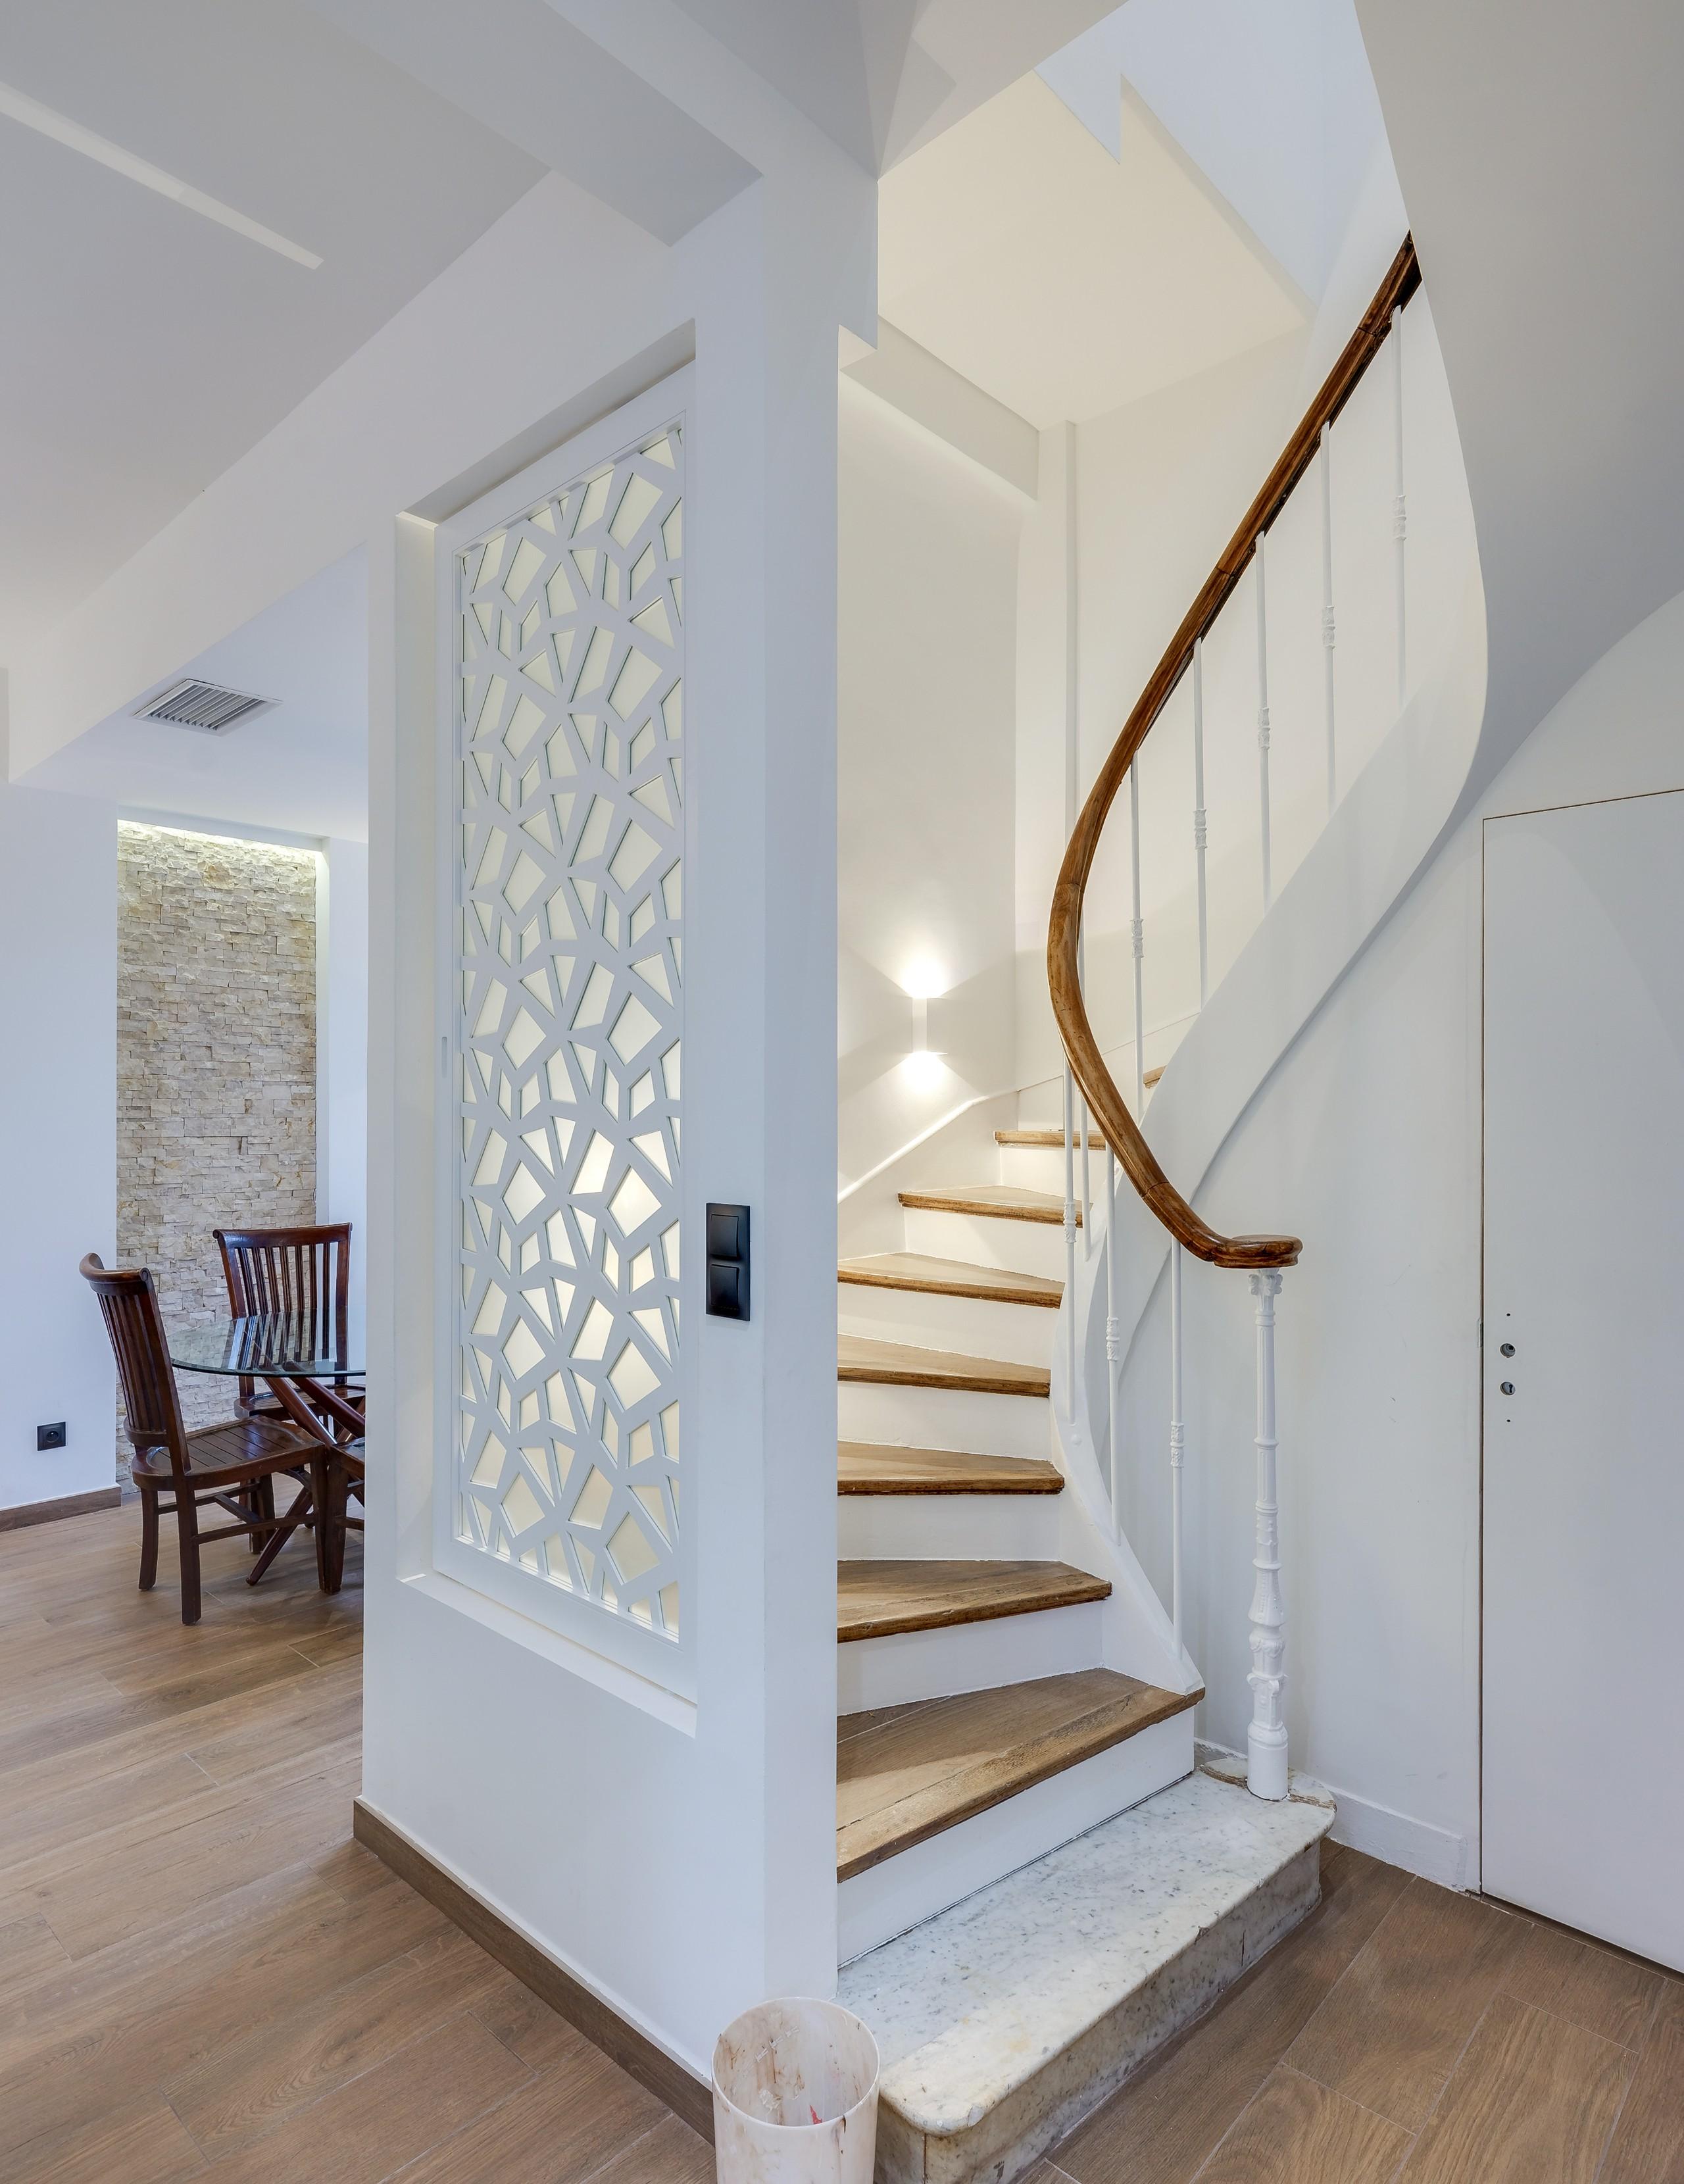 Réhabilitation et agrandissement d'une maison marseillaise